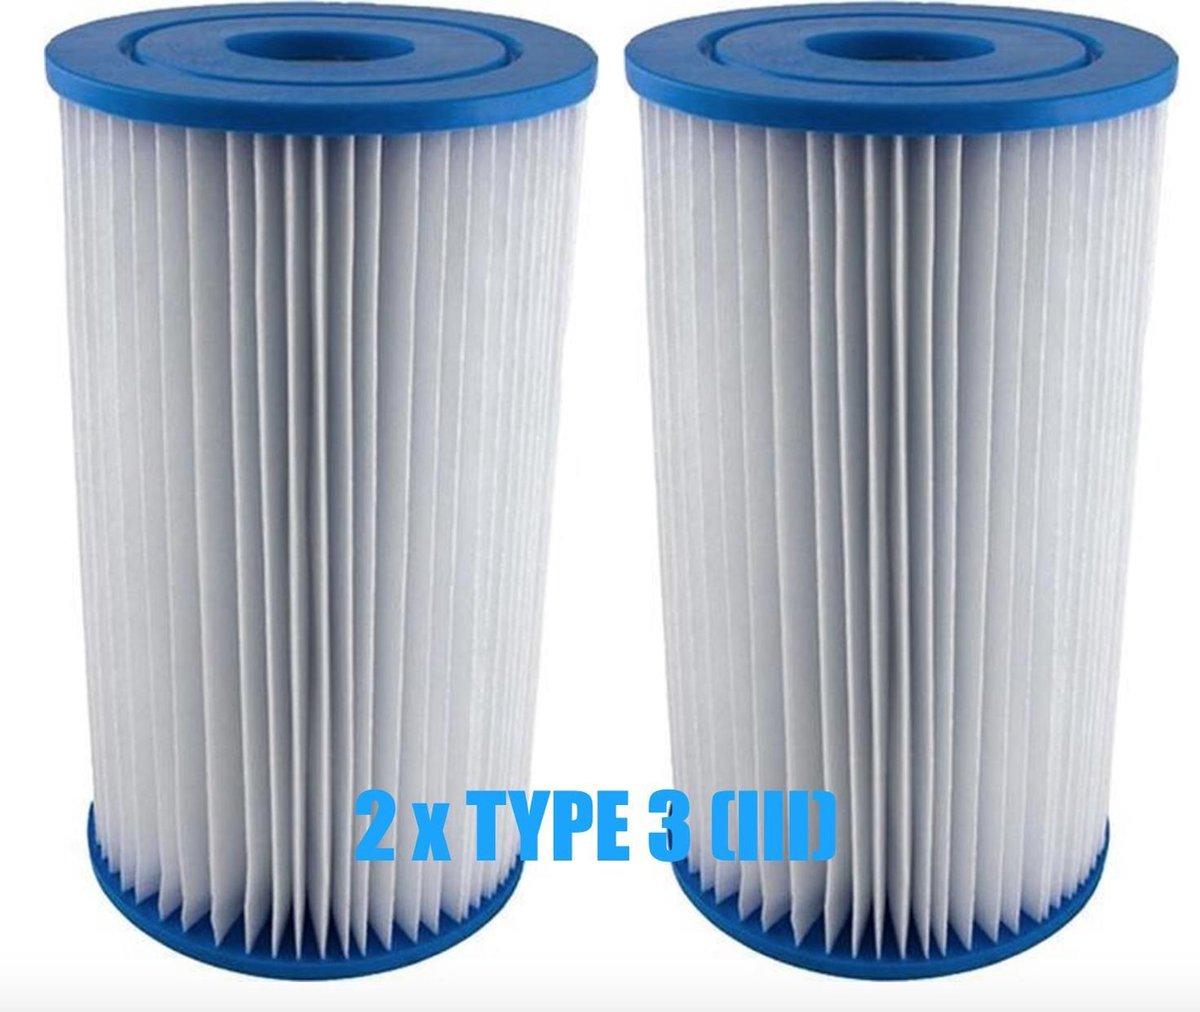 Filter type 3 - Filterpatroon Type III Bestway - Zwembad Filter - Filterpomp - 2 STUKS